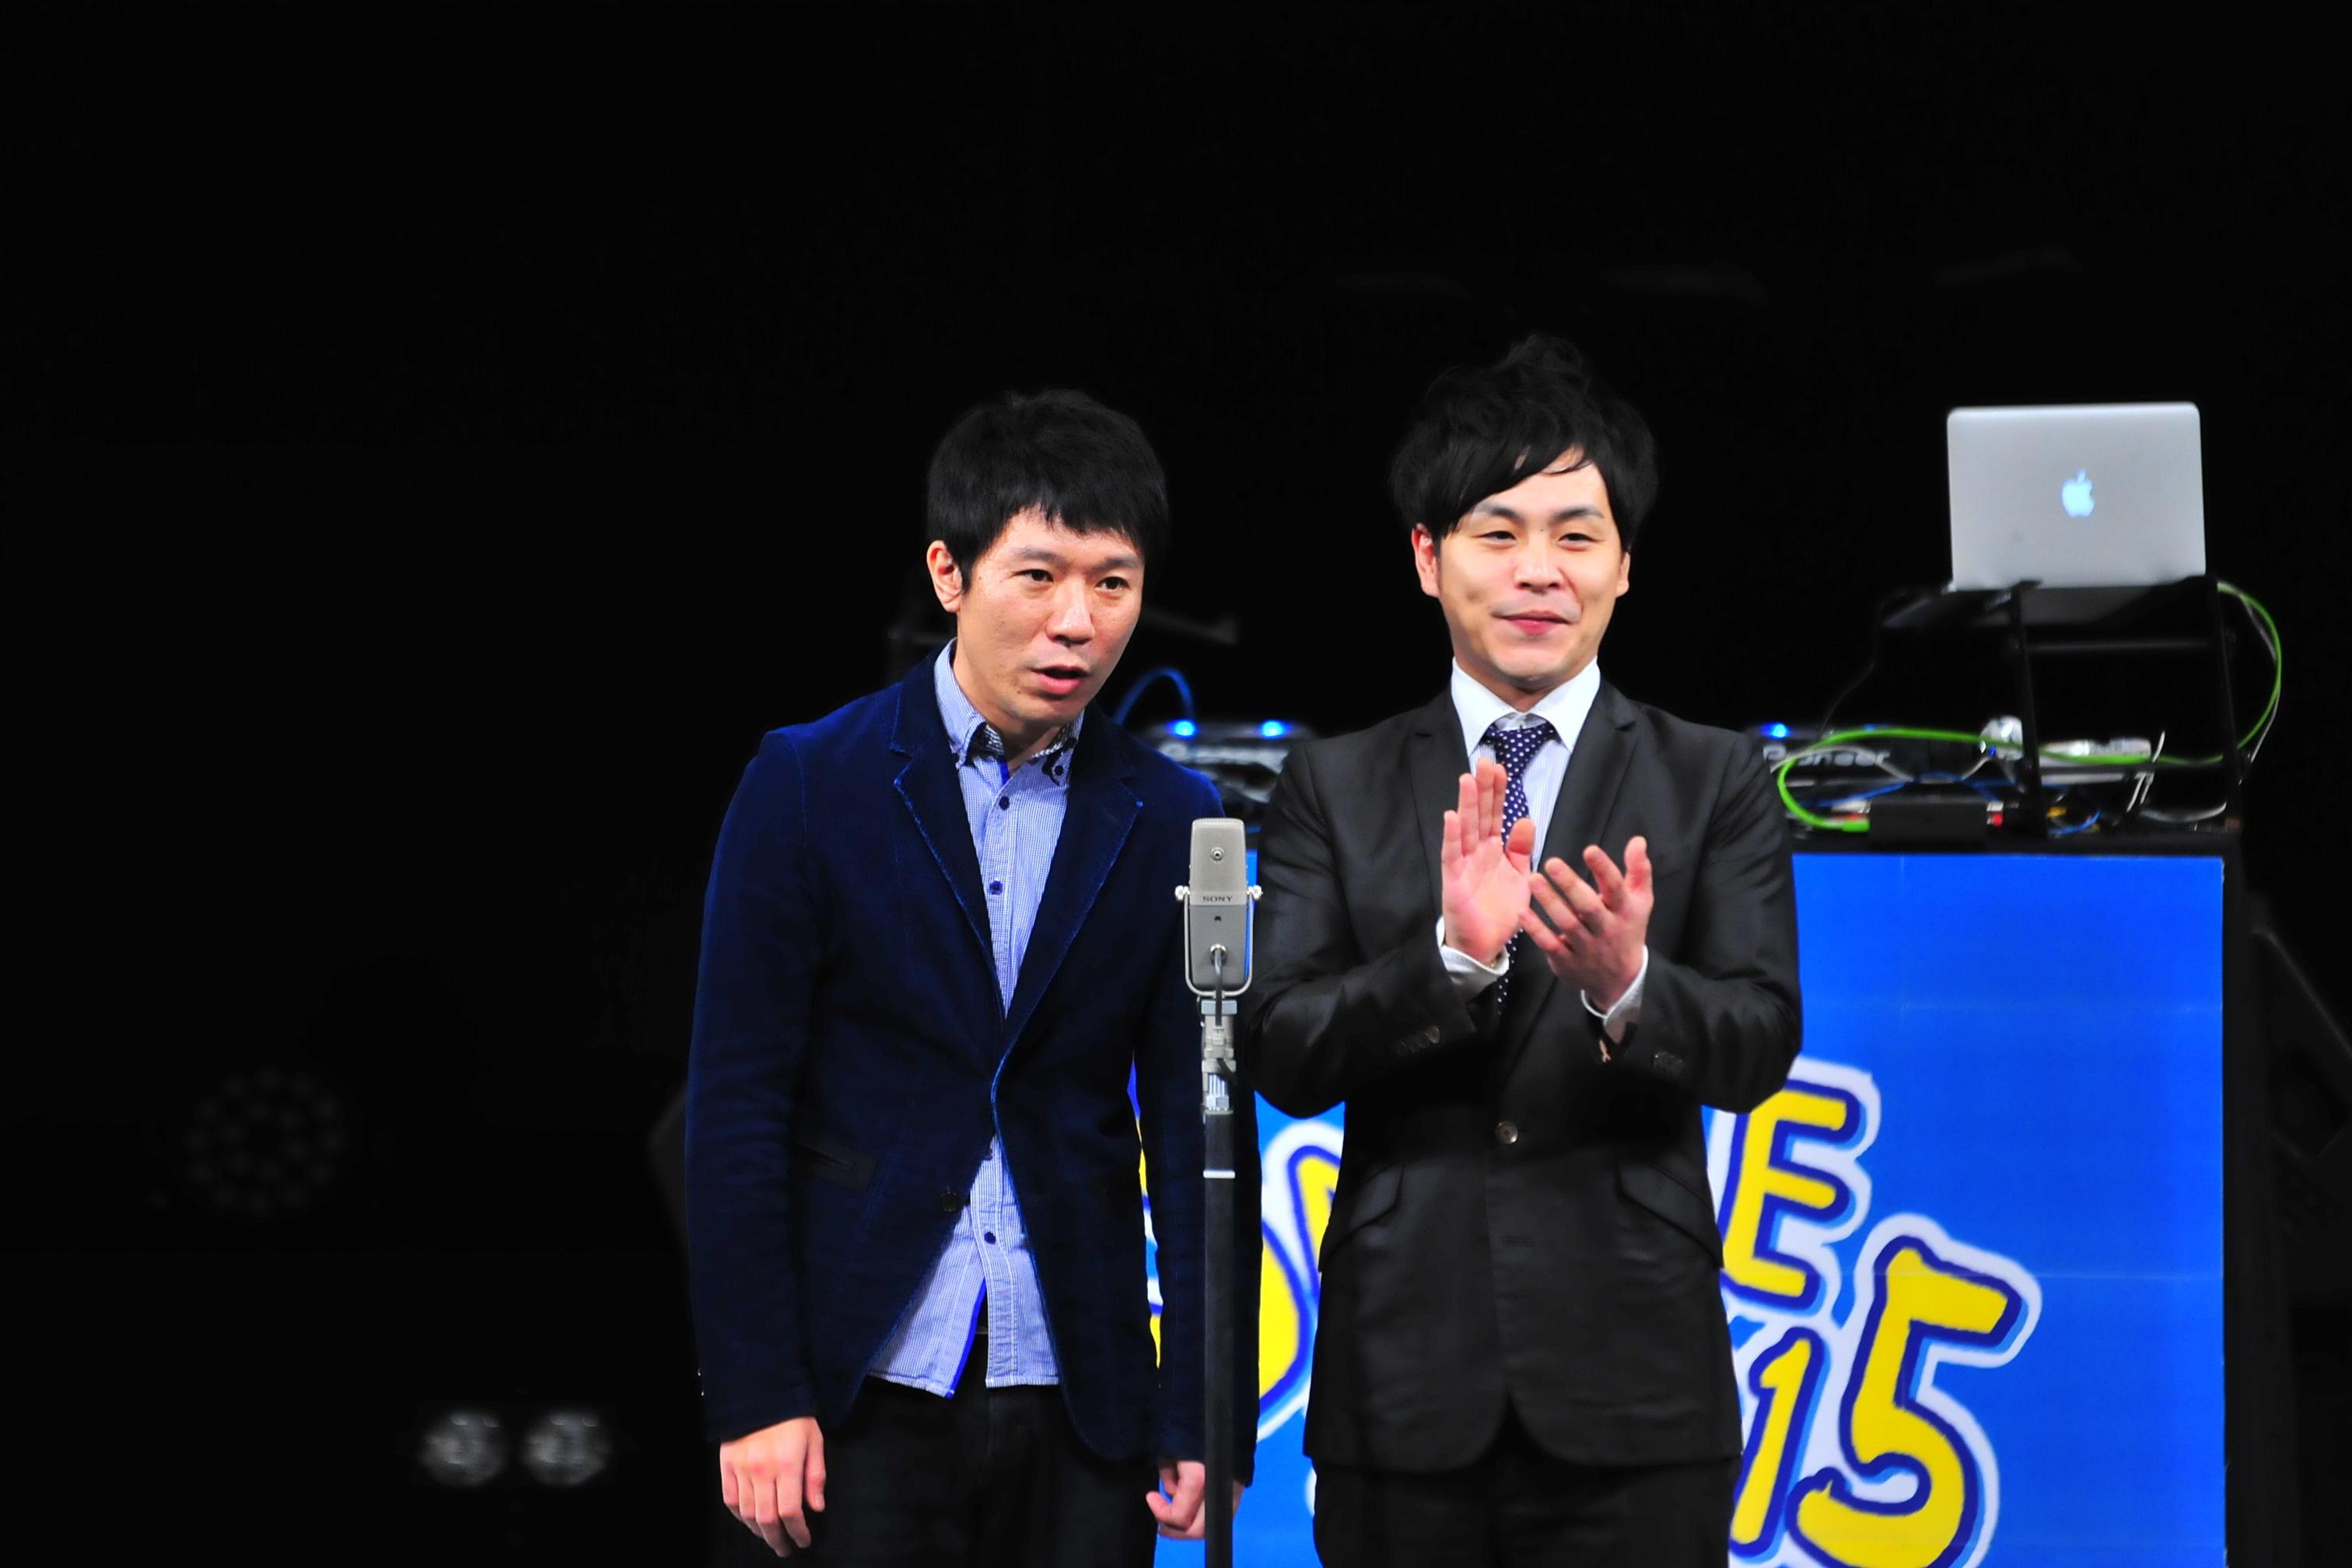 http://news.yoshimoto.co.jp/20151231133512-94d393bdf84ab3d599469b2b6e813ae9c46be814.jpg